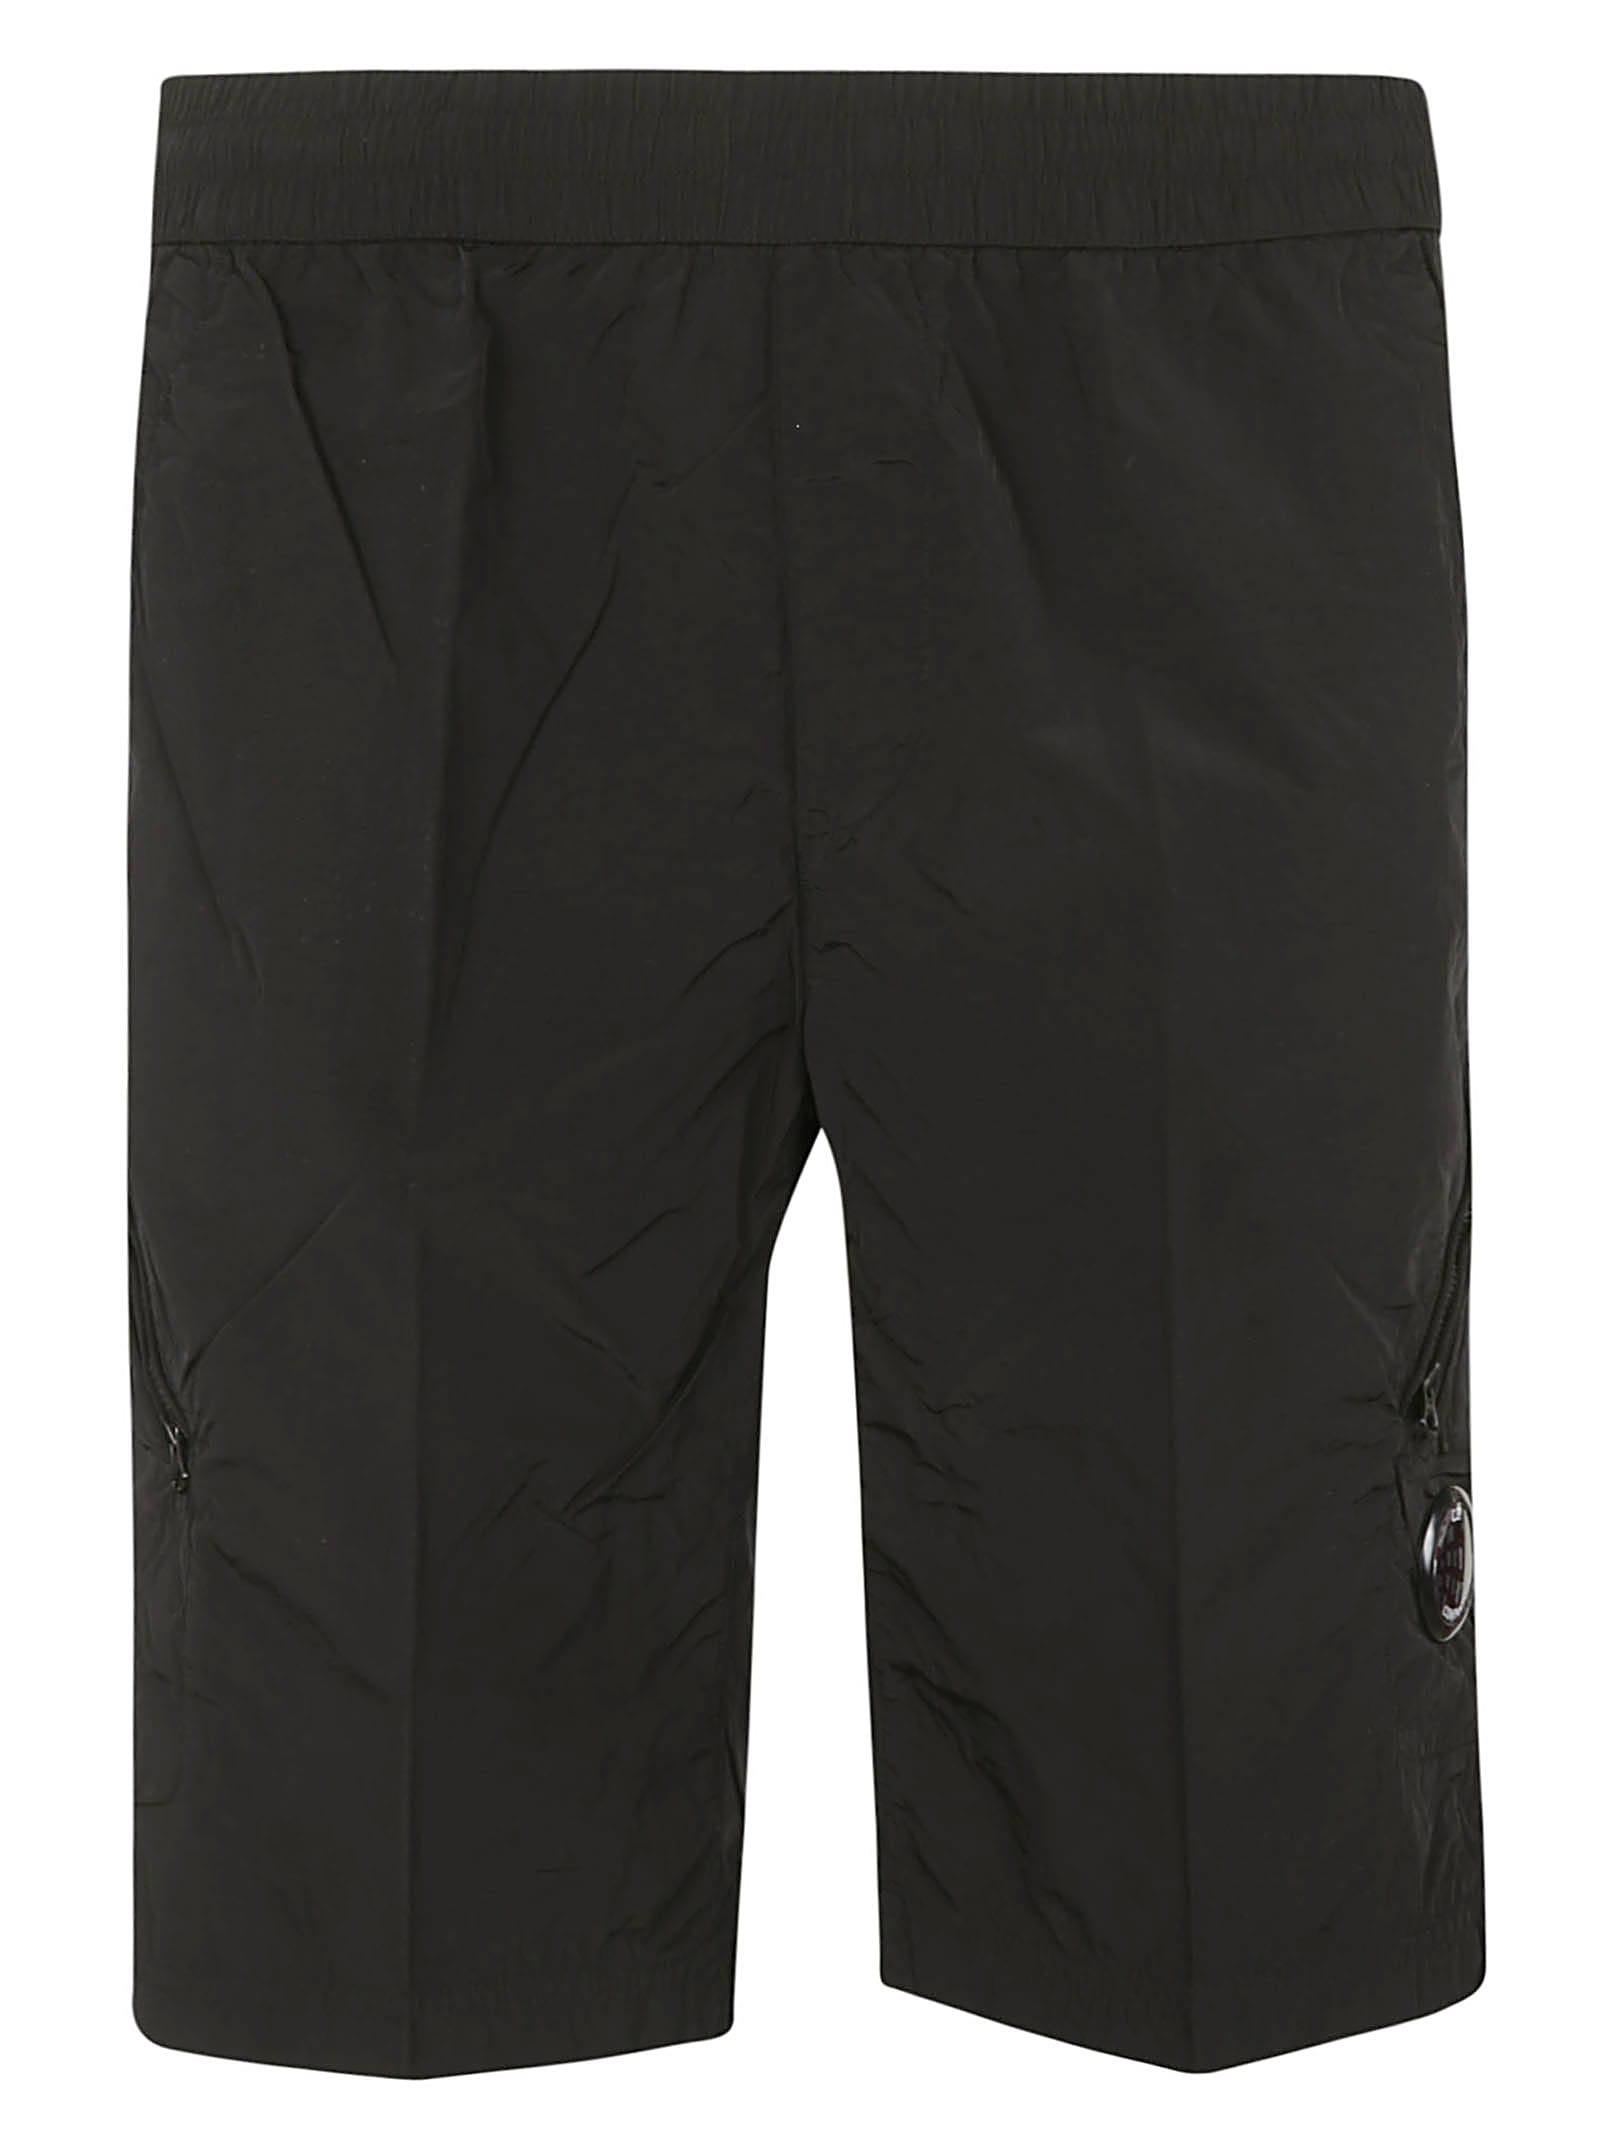 C.P. Company Side Zipped Pocket Shorts